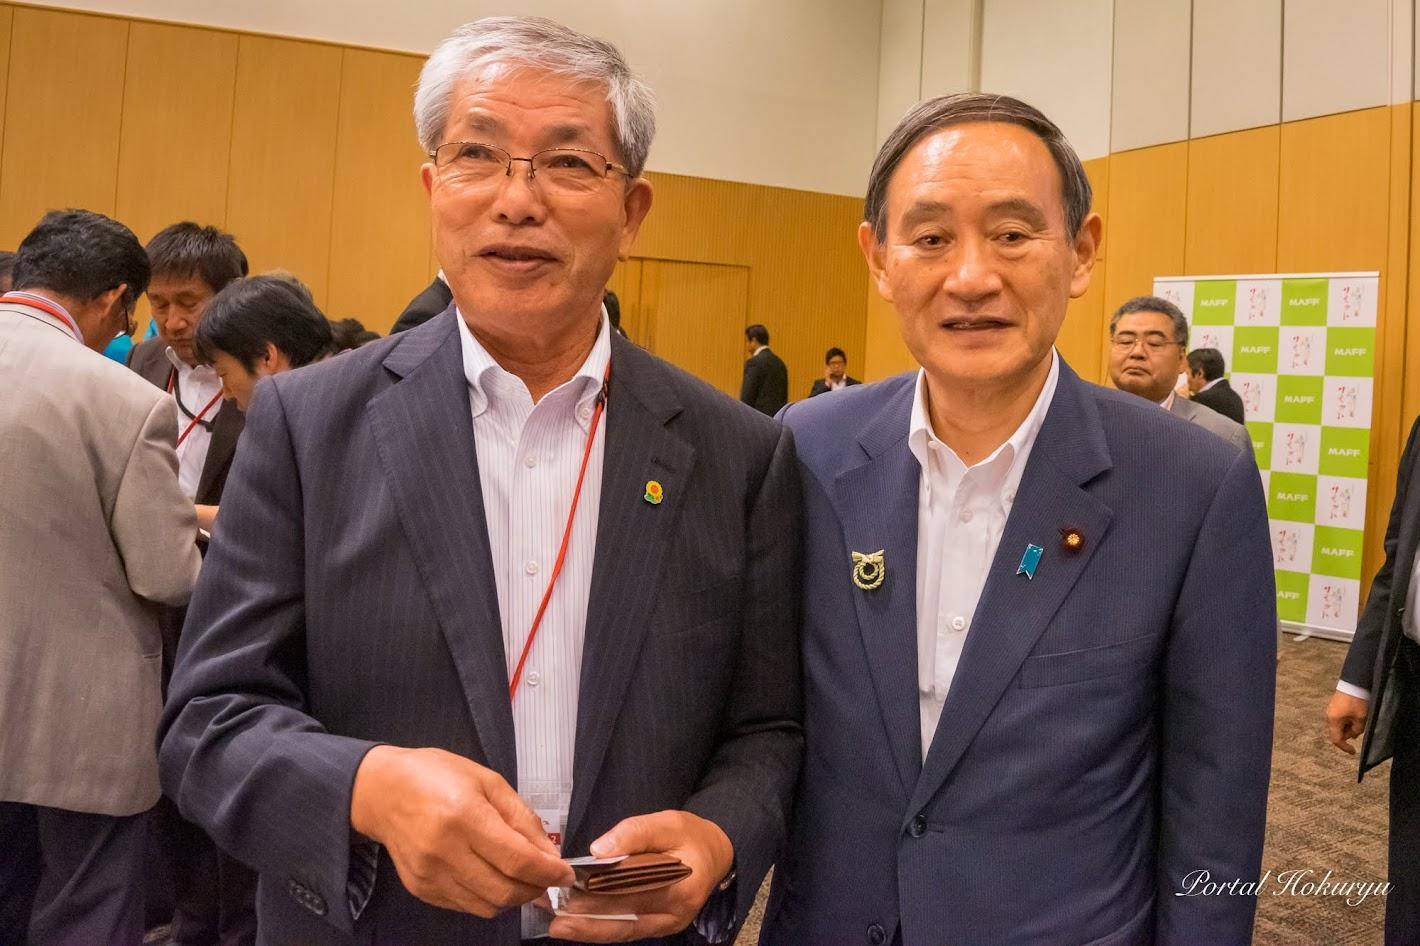 菅義偉 内閣官房長官(右)、黒千石事業協同組合(北竜町)高田幸男 理事長